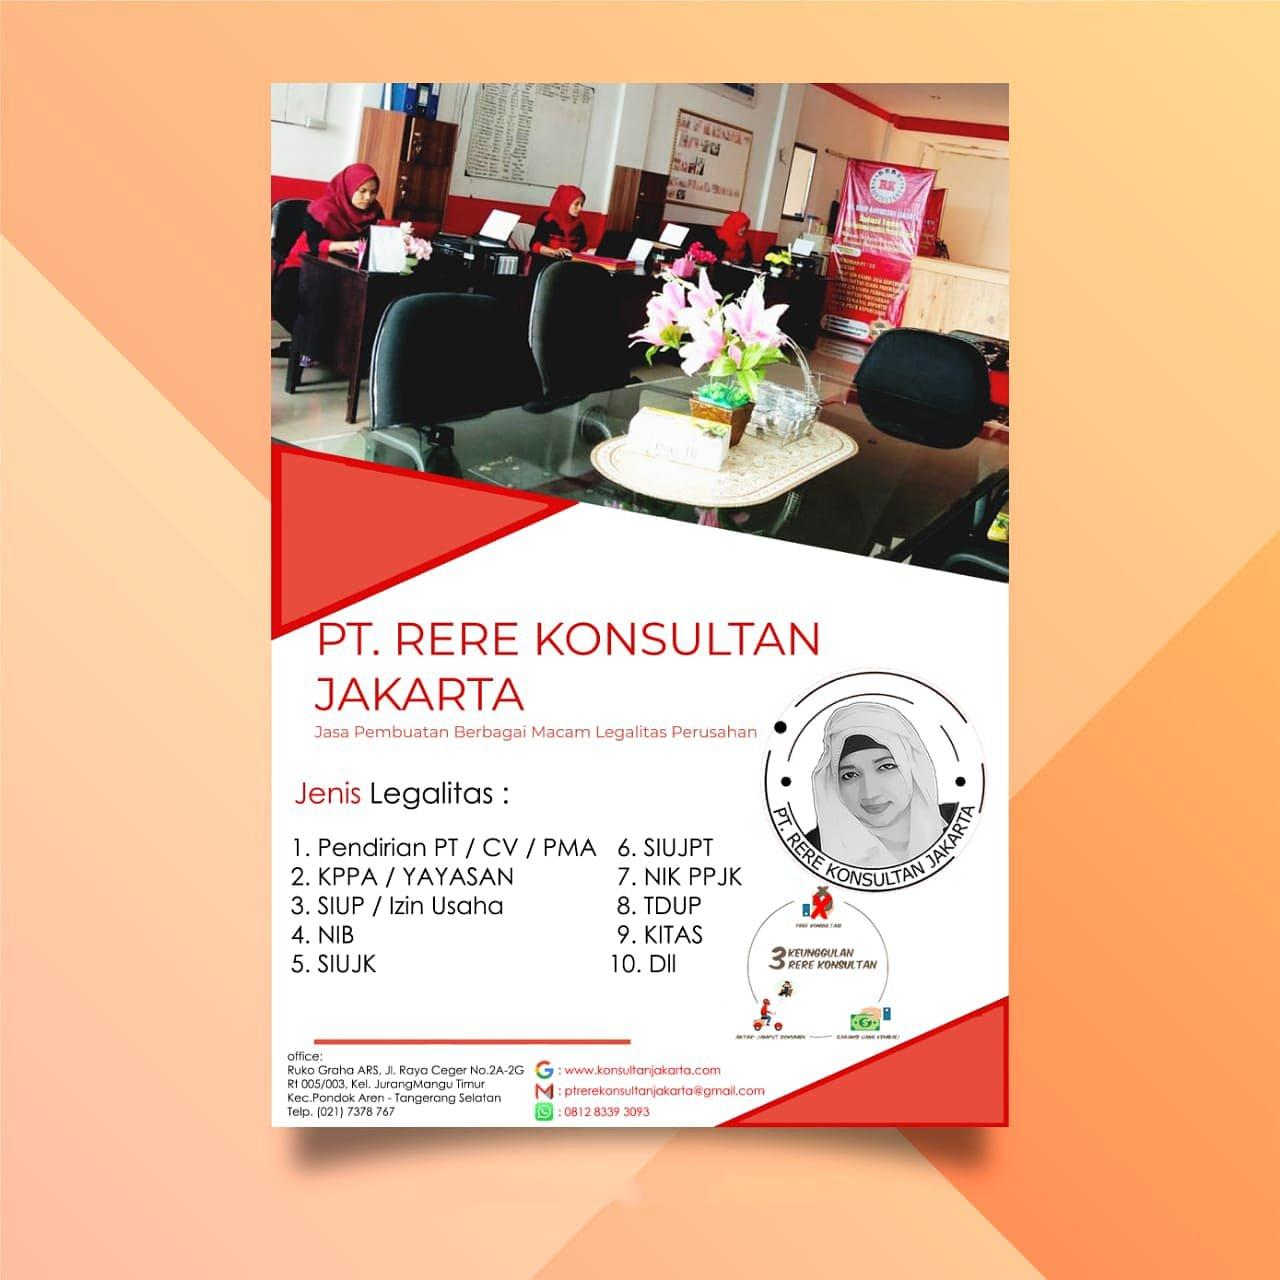 Konsultan Jakarta در توییتر Desain Brosur Terbaru Pt Rere Konsultan Jakarta Sudah Jadi Alhamdulillah Tinggal Siap Cetak Website Https T Co 6ksbtigrm0 Jasa Birojasa Konsultan Konsultant Consultan Consultant Rere Rerekonsultan